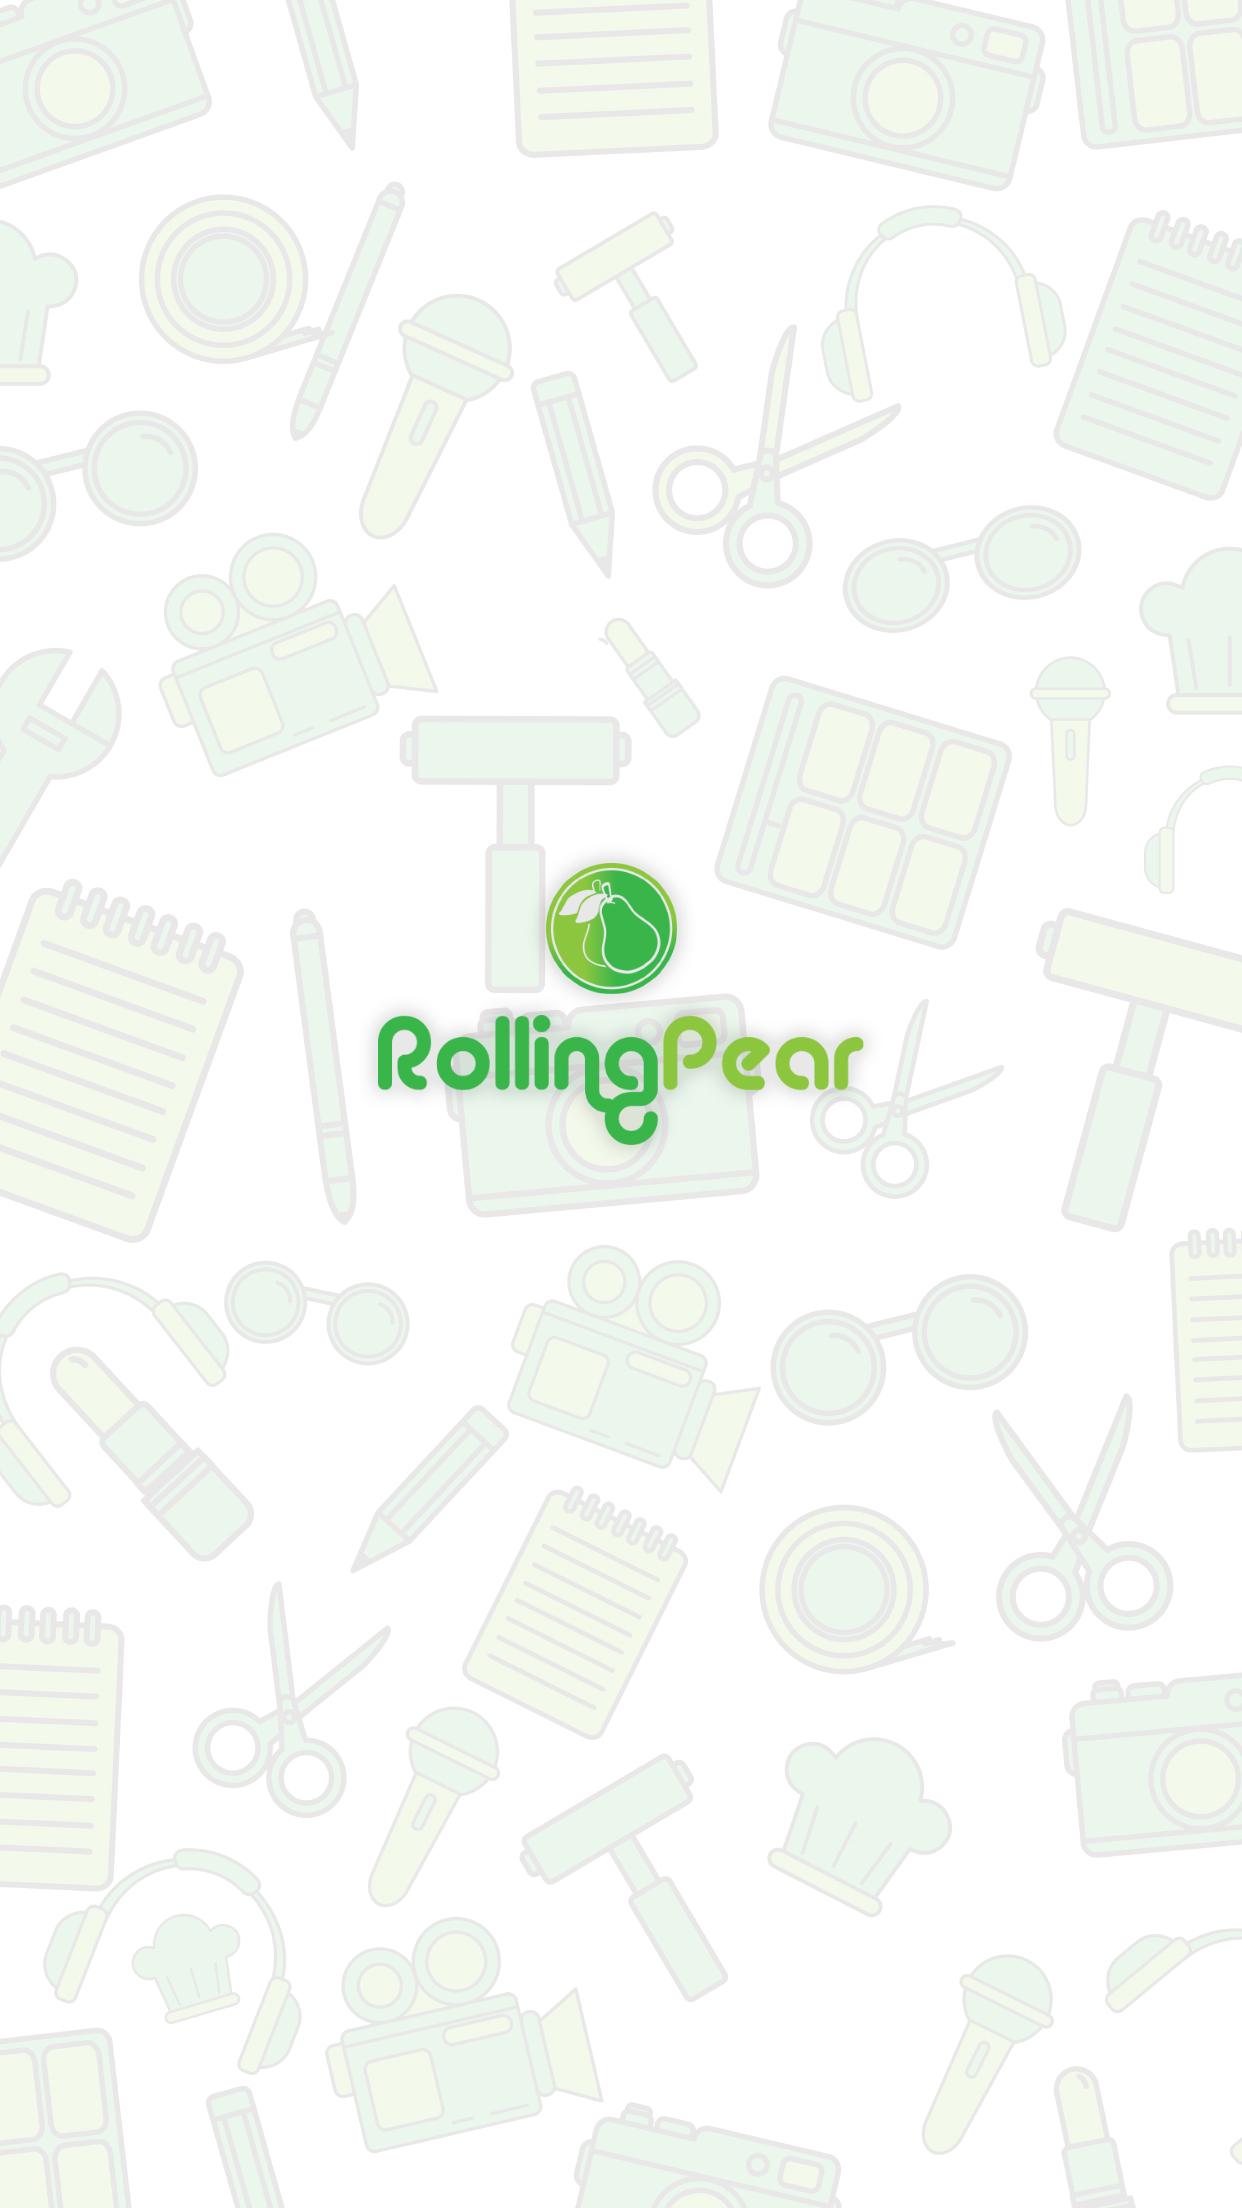 rolling app